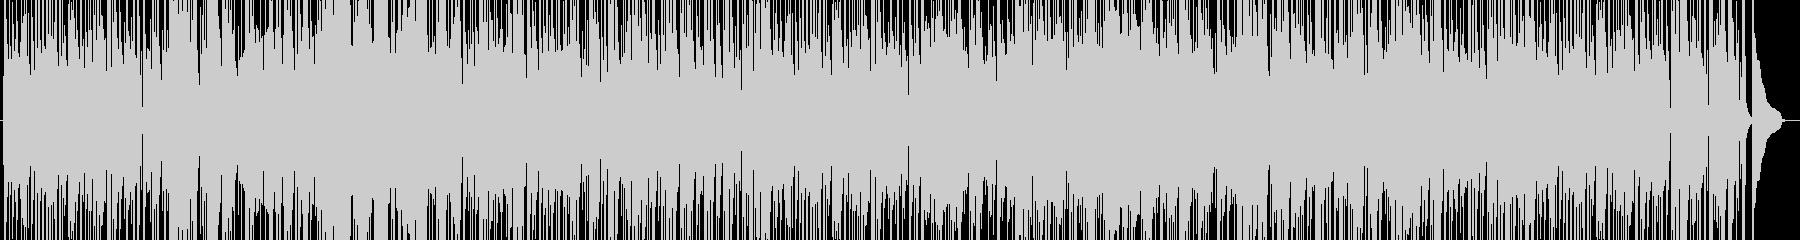 エレガット生録(Bossa Nova)の未再生の波形